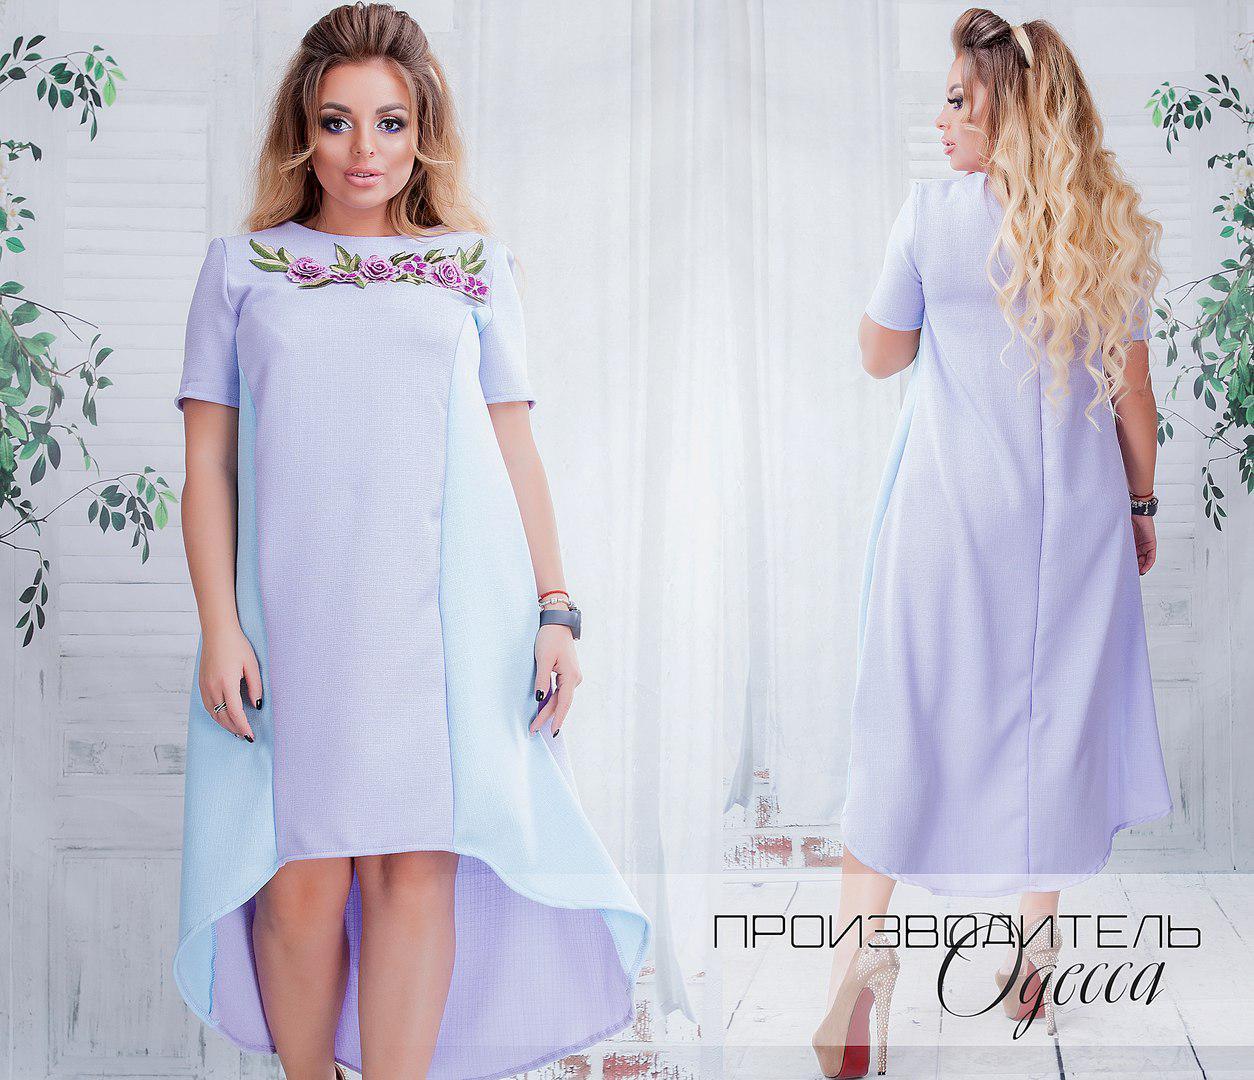 baeecc6421b Интересное женское платье в пастельных тонах - Интернет-магазин